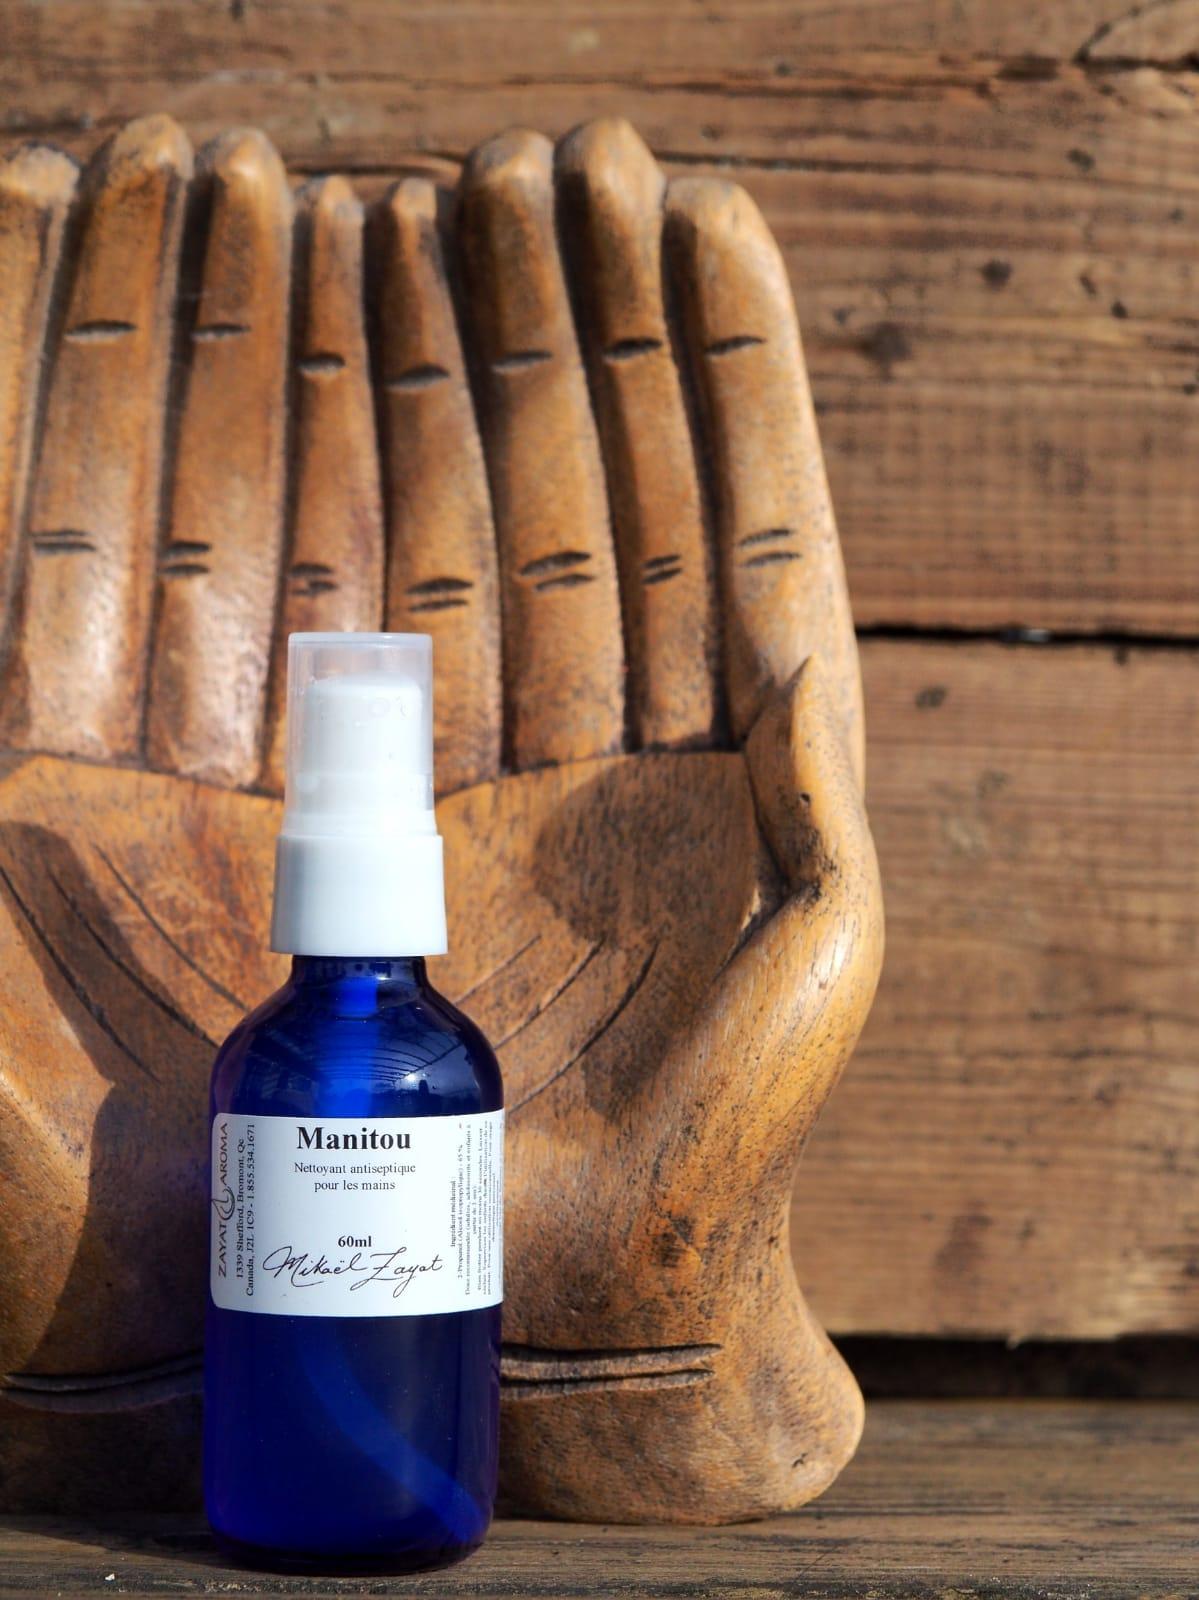 nettoyant pour les mains antiseptique manitou hand sanitizer